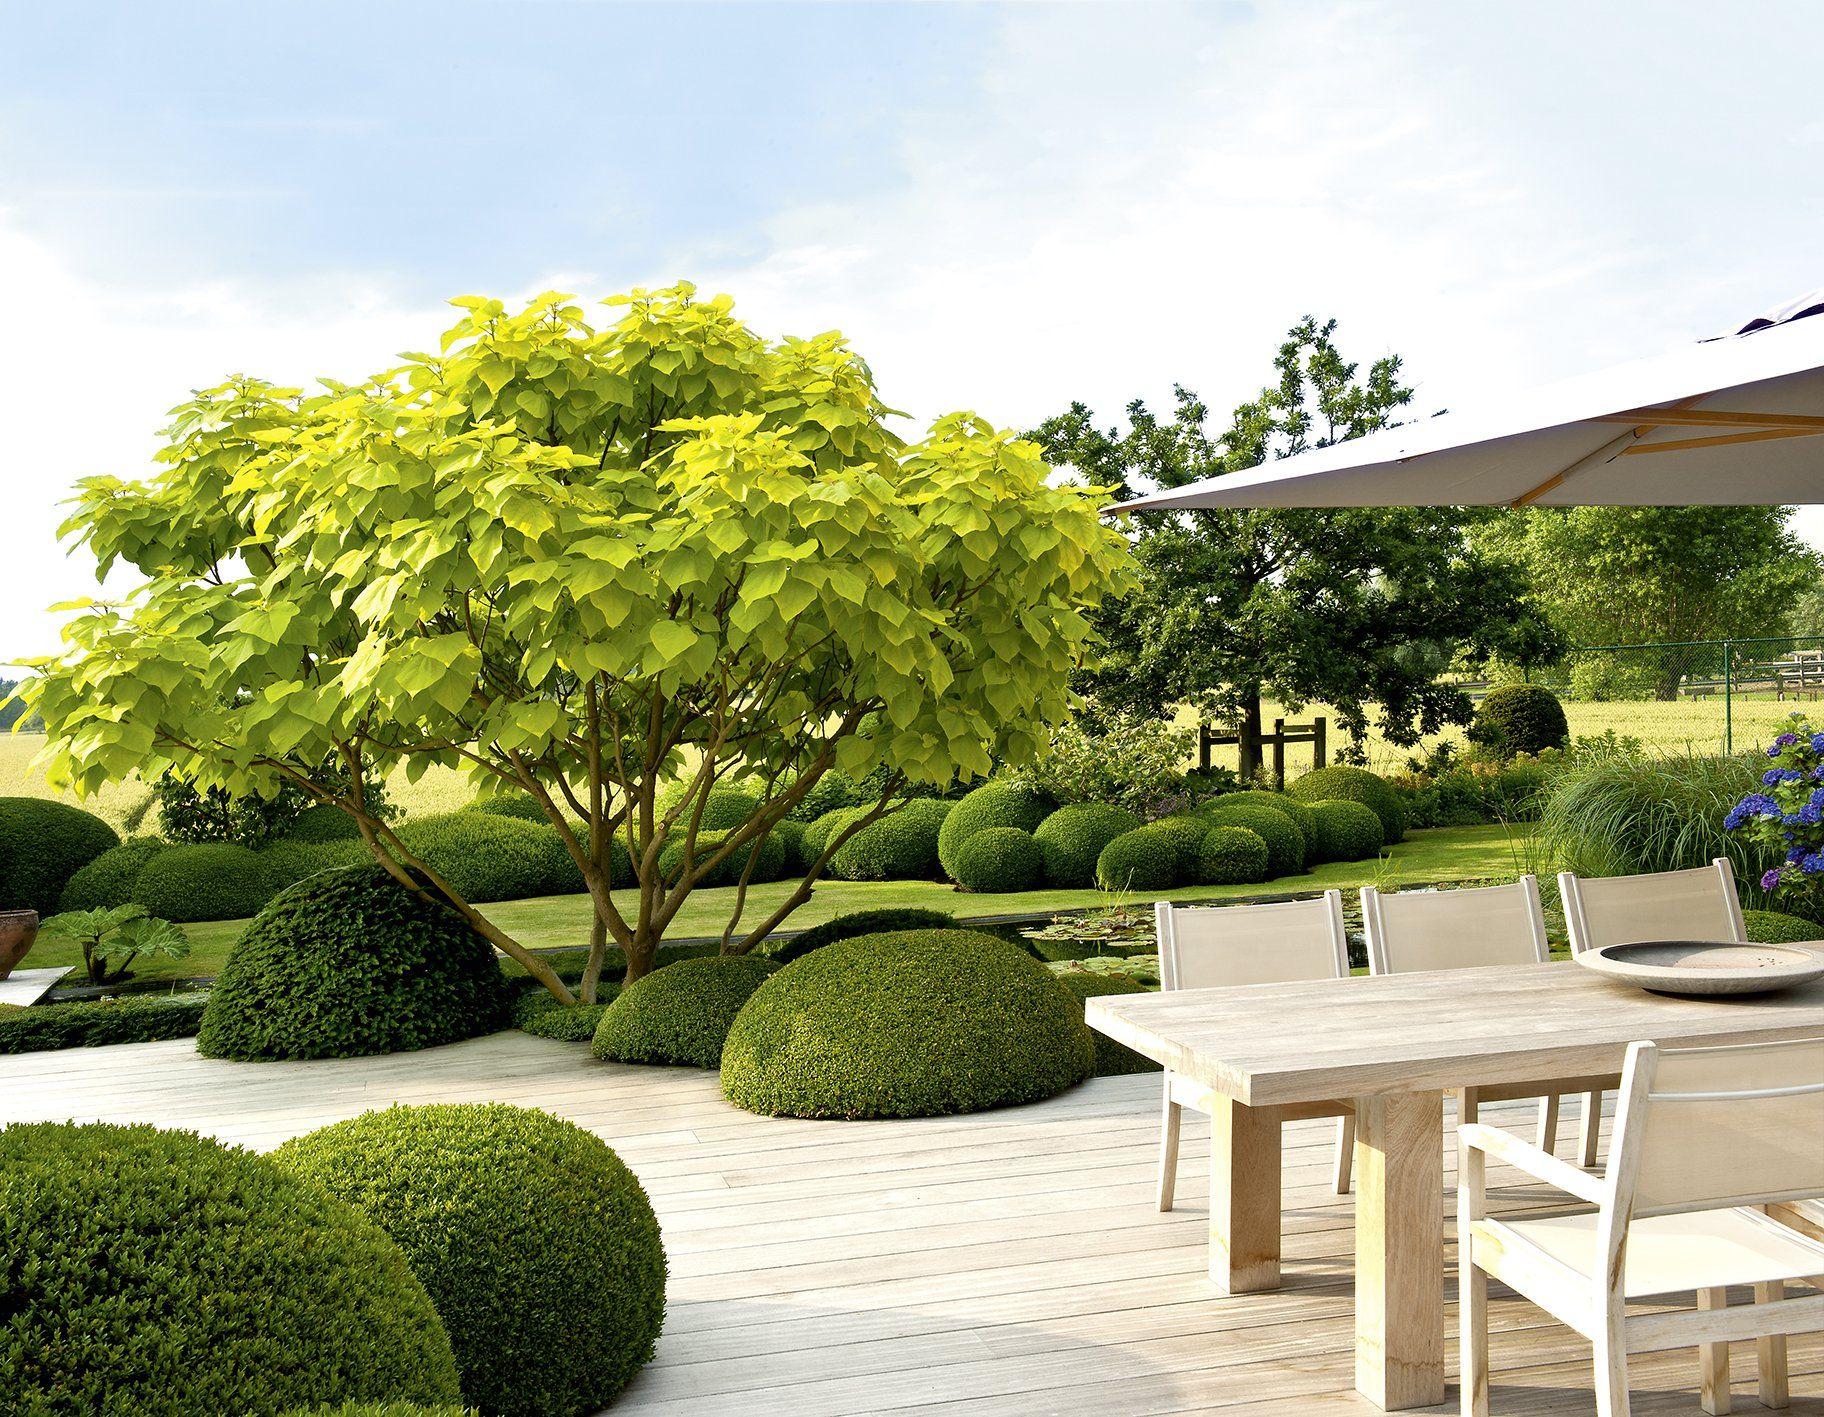 Großartig Design Mit Pflanzen   Moderne Architektur Im Garten Garten  Und Ideenbücher  BJVV: Amazon.